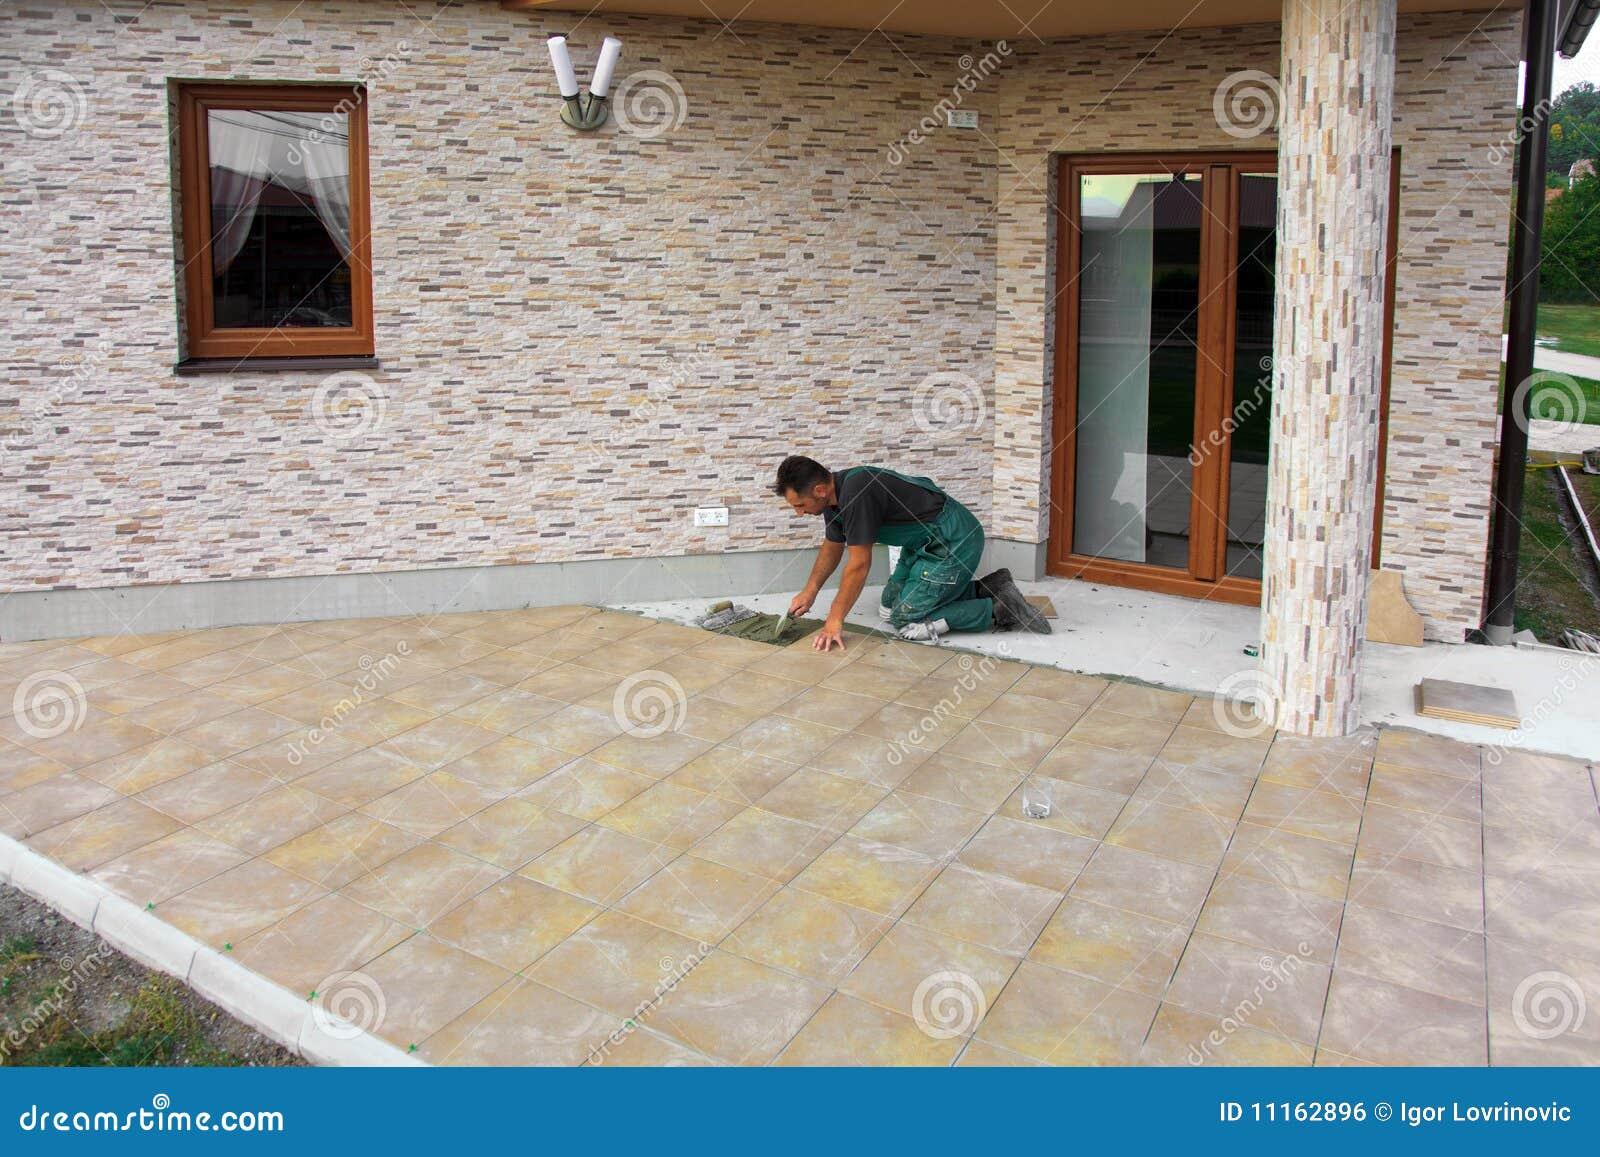 Instalaci n de los azulejos de suelo imagen de archivo - Azulejos de suelo ...